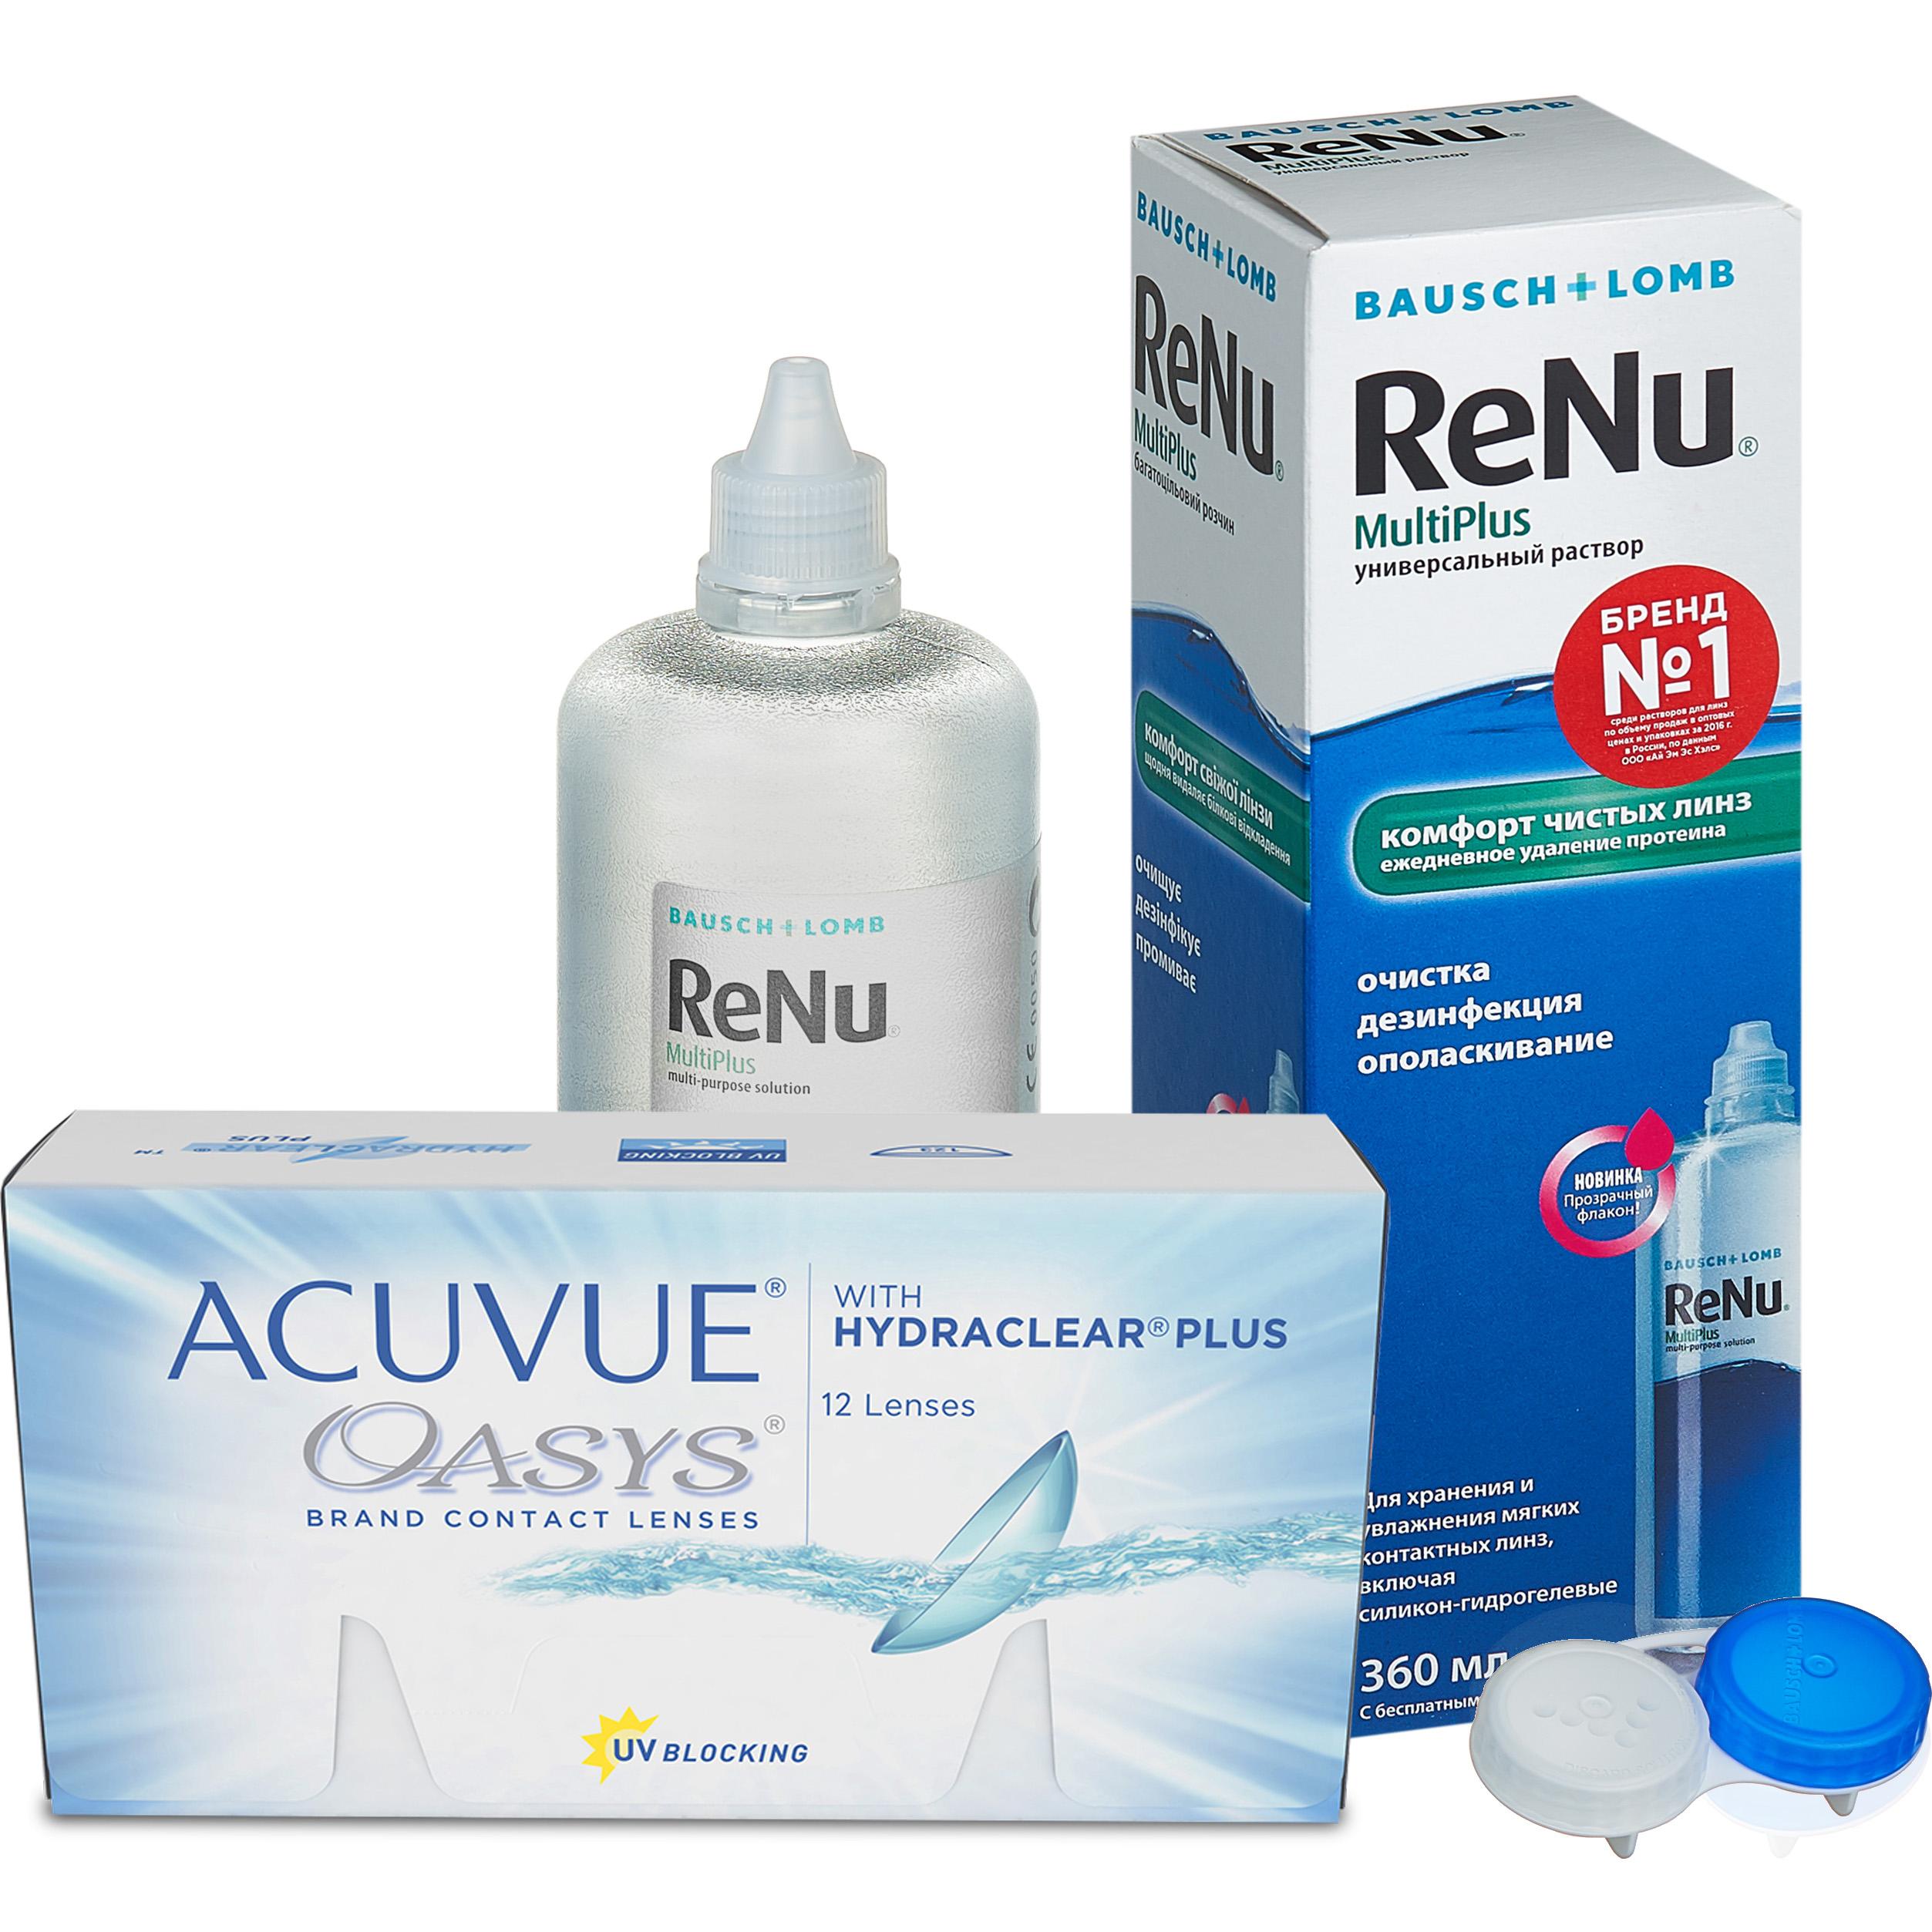 Купить Oasys with Hydraclear Plus 12 линз + ReNu MultiPlus, Линзы Acuvue Oasys with Hydraclear Plus 12 линз R 8.4 +2, 25 + ReNu Multi Plus 360 мл